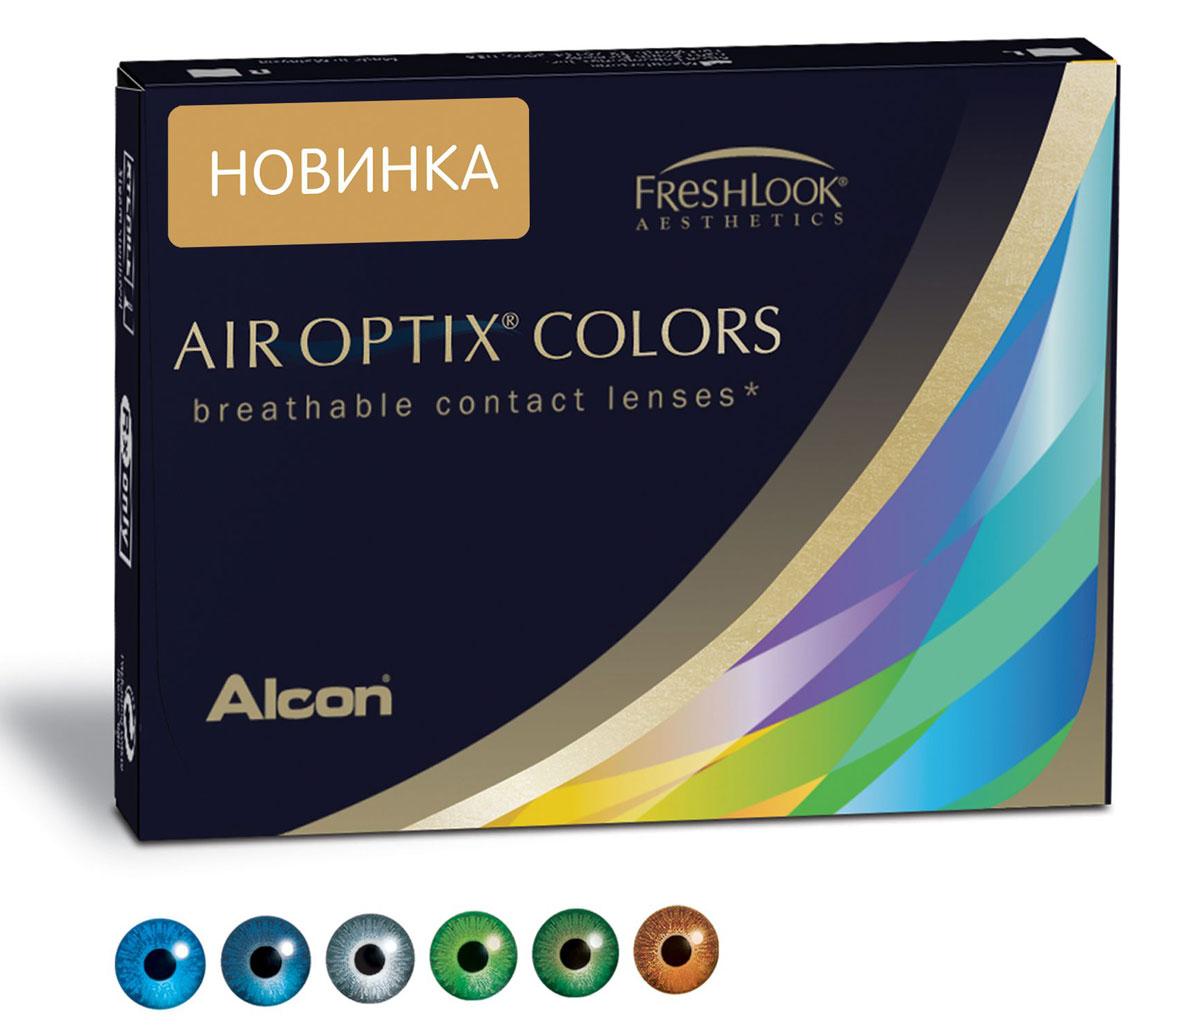 Аlcon контактные линзы Air Optix Colors 2 шт -3.25 GreenФМ000003396Мягкие контактные линзыКонтактные линзы или очки: советы офтальмологов. Статья OZON Гид